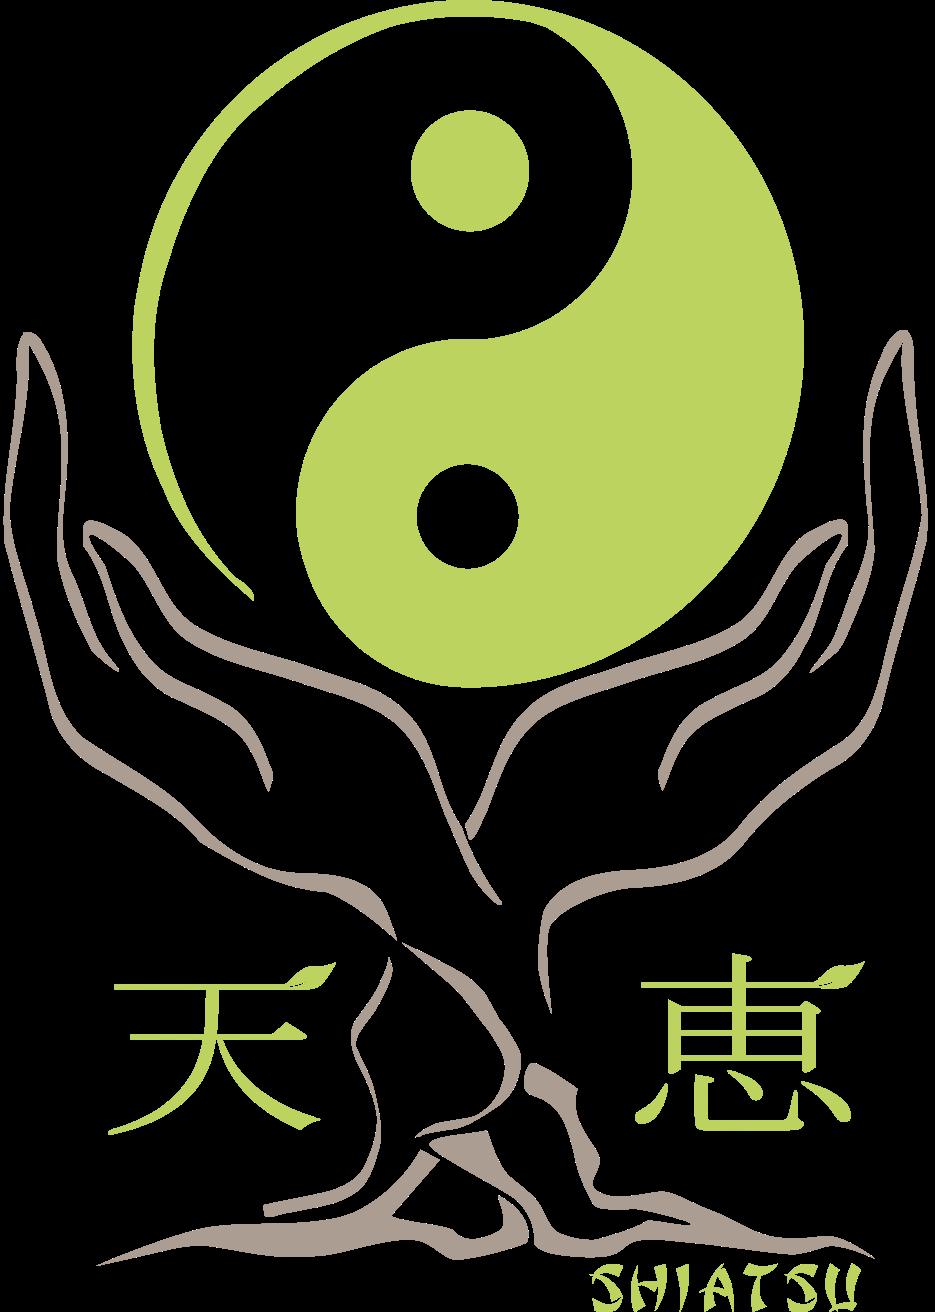 Shiatsu Ten'kei